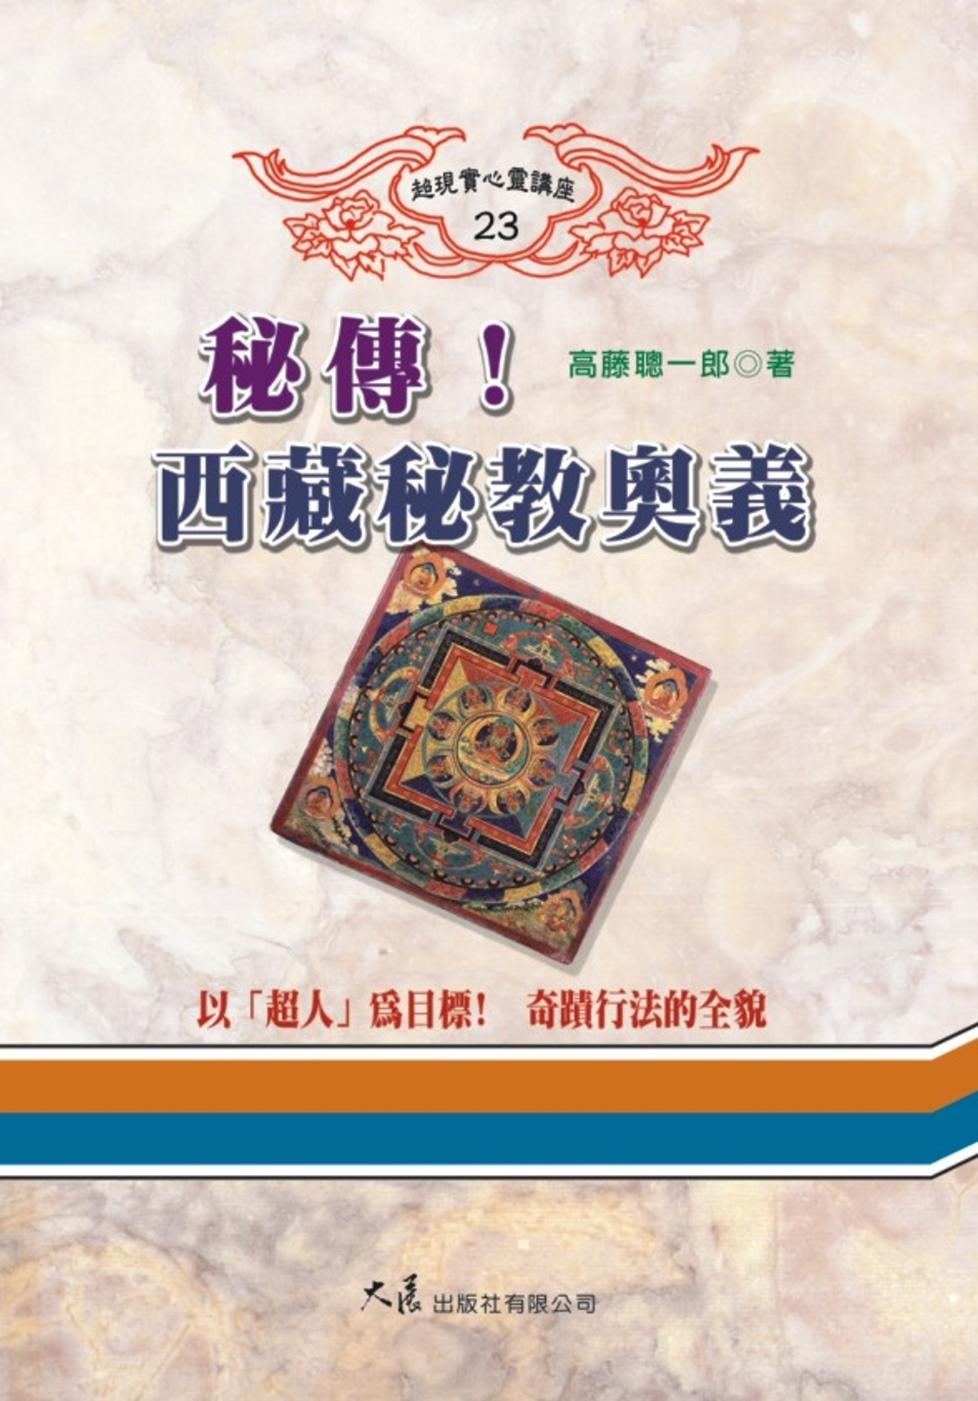 秘傳^!西藏秘教奧義